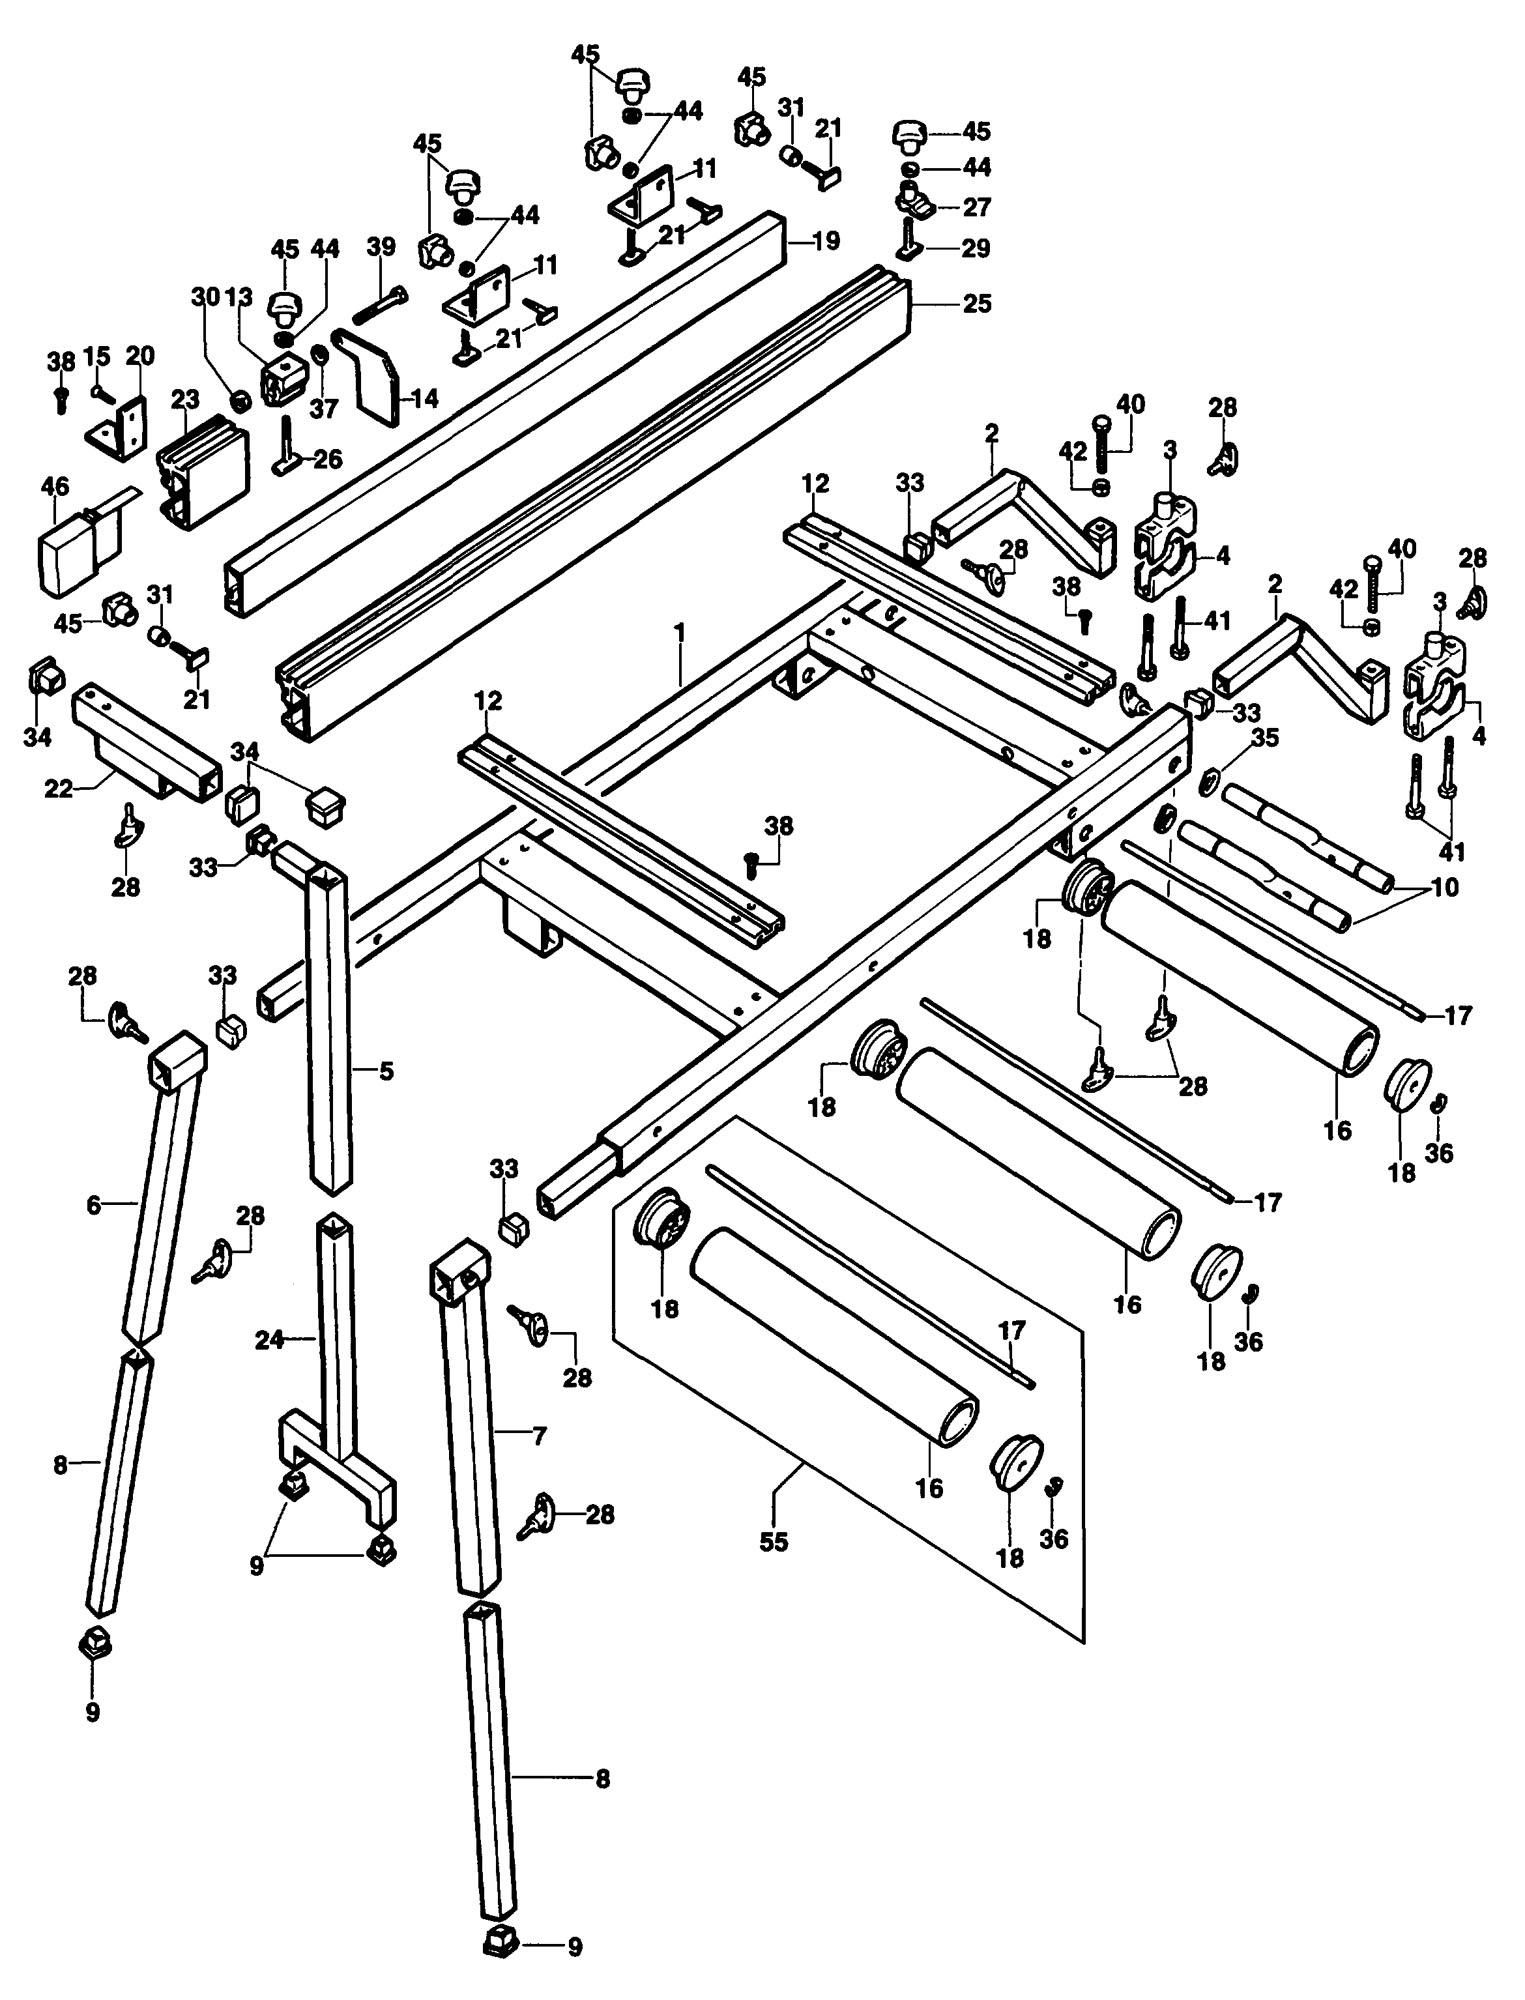 Spares for Dewalt De3497 Roller Table (type 1) SPARE